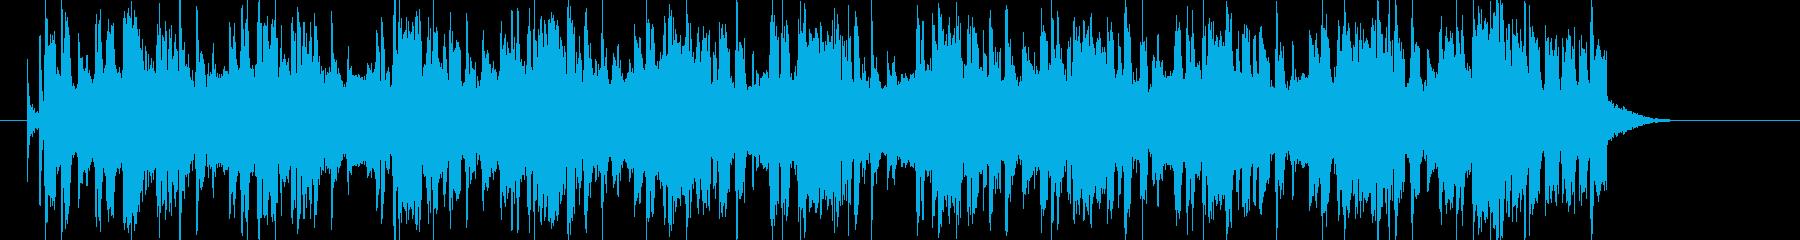 明るく軽やかなテクノポップの再生済みの波形